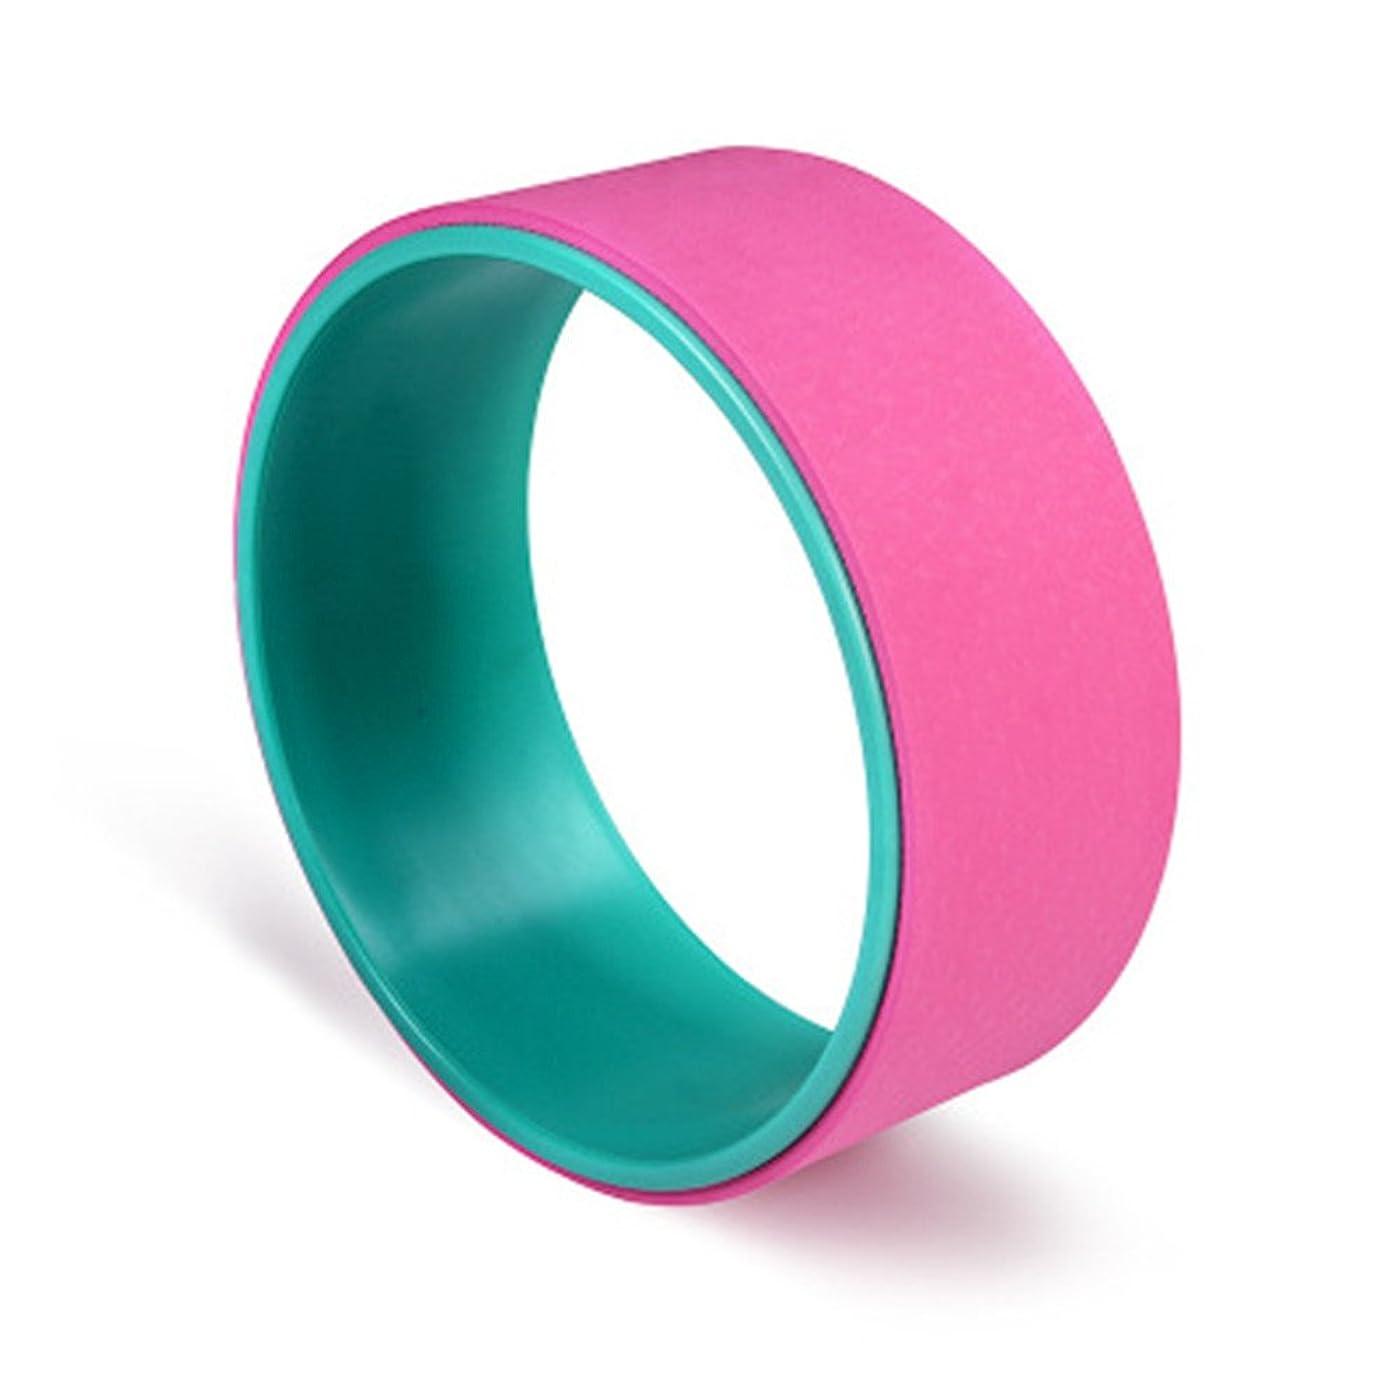 演じるバレル力強いヨガホイールとヨガプロップホイールパーツ3色のストレッチ運動アクセサリー (Color : ピンク)